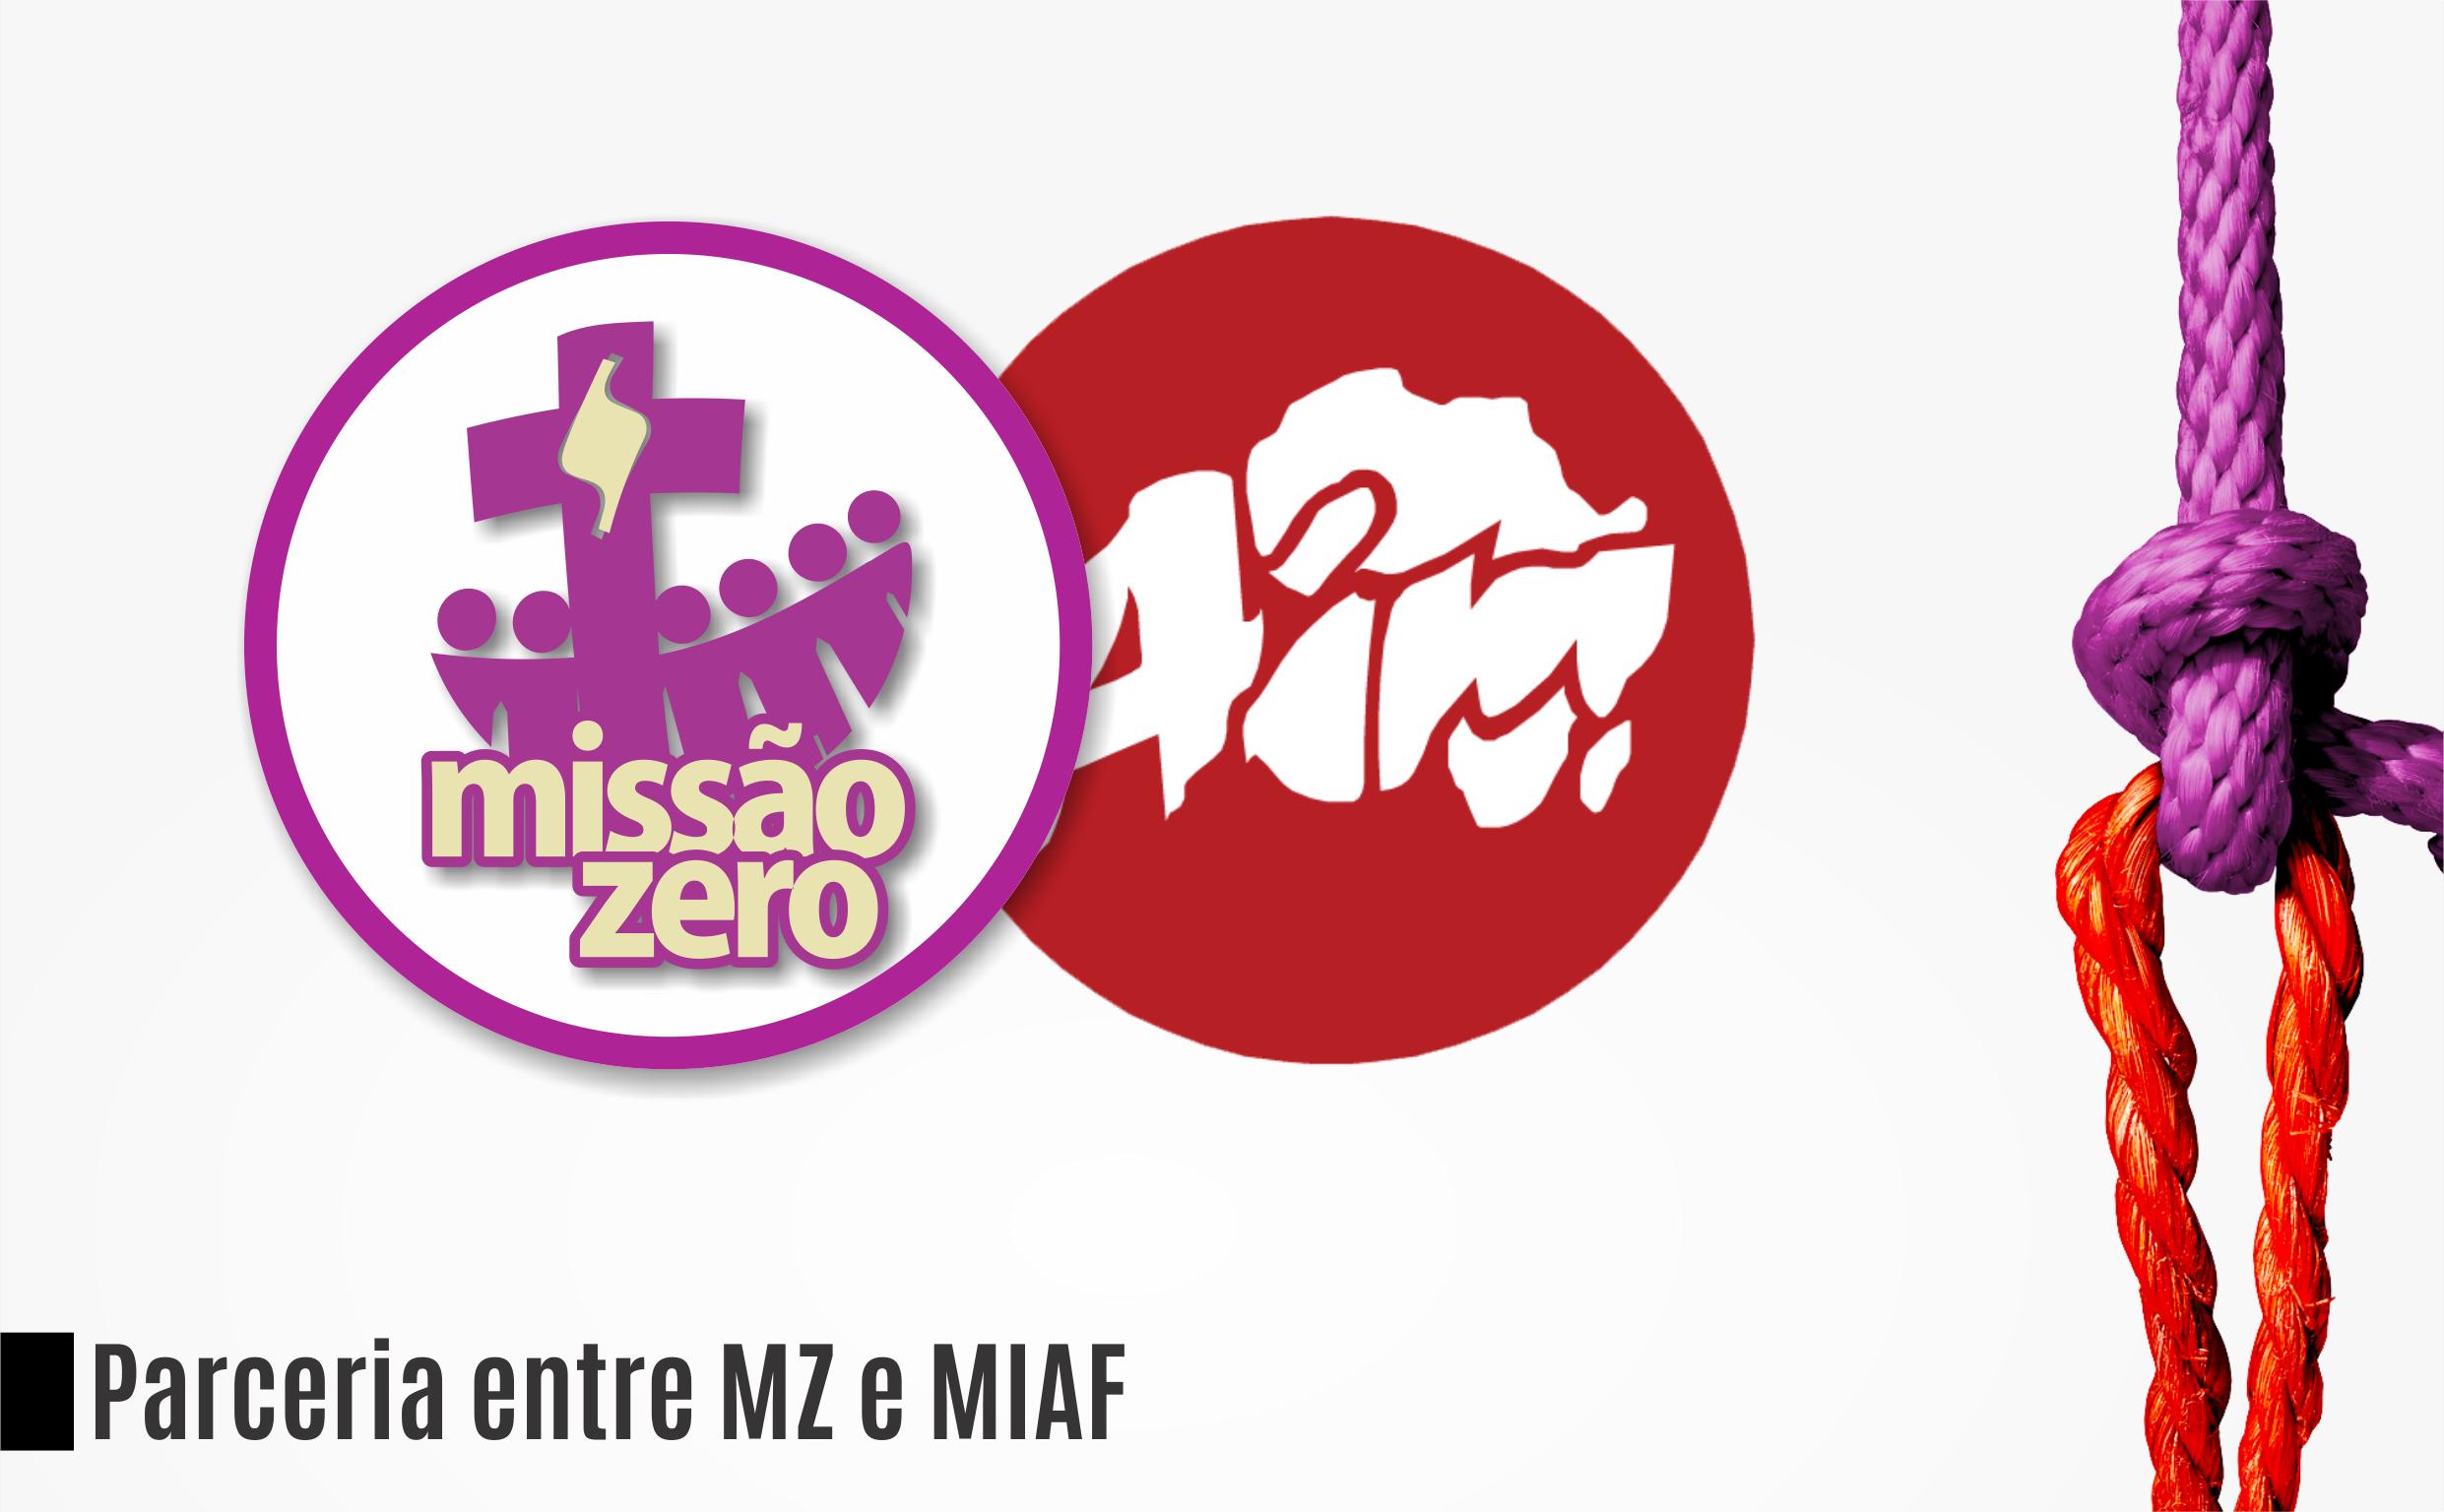 Parceria MZ e MIAF